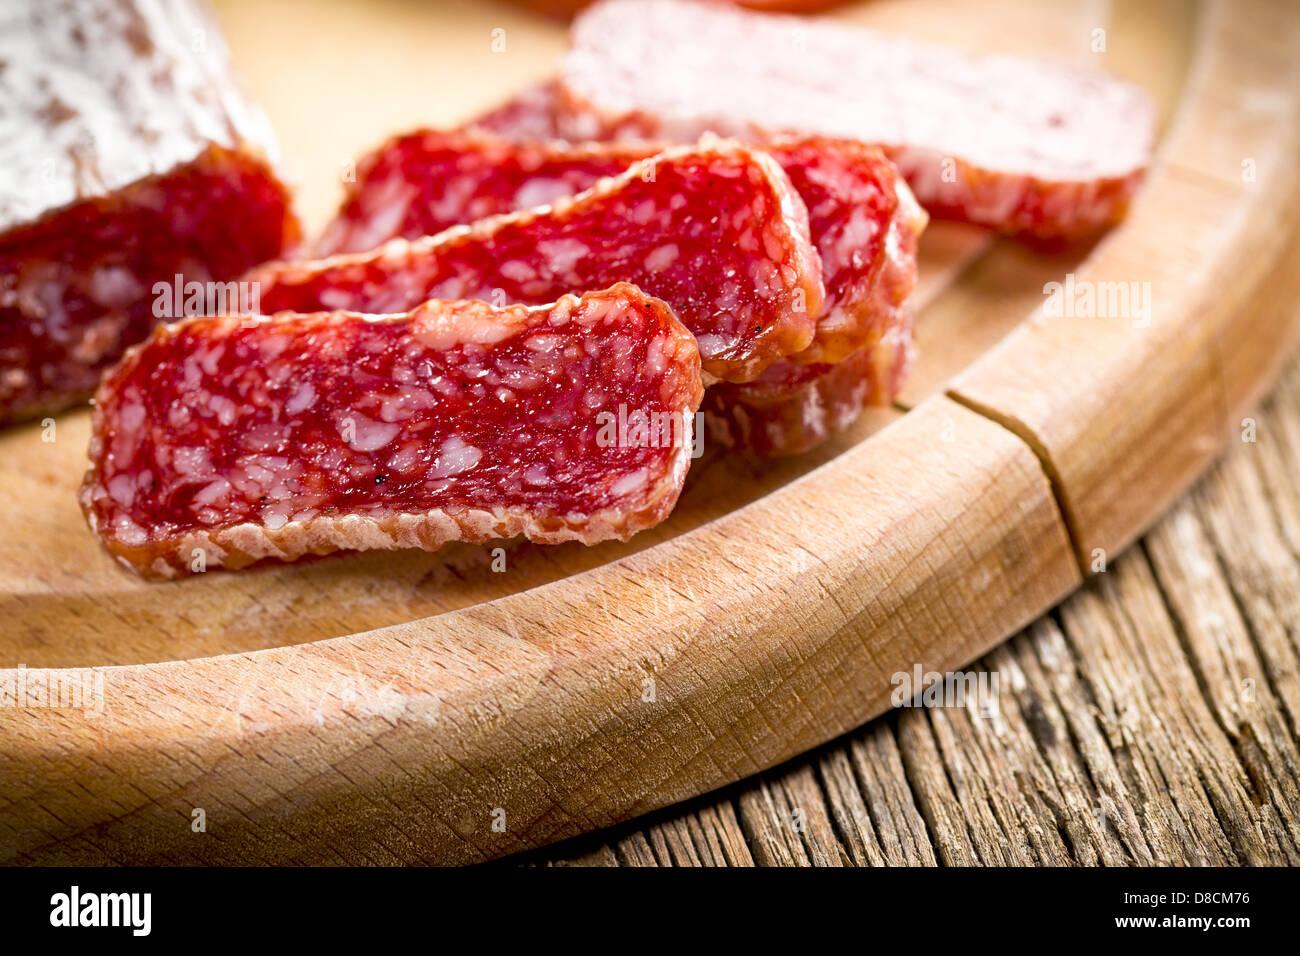 Gourmet en rodajas de salami sobre la mesa de la cocina Foto de stock